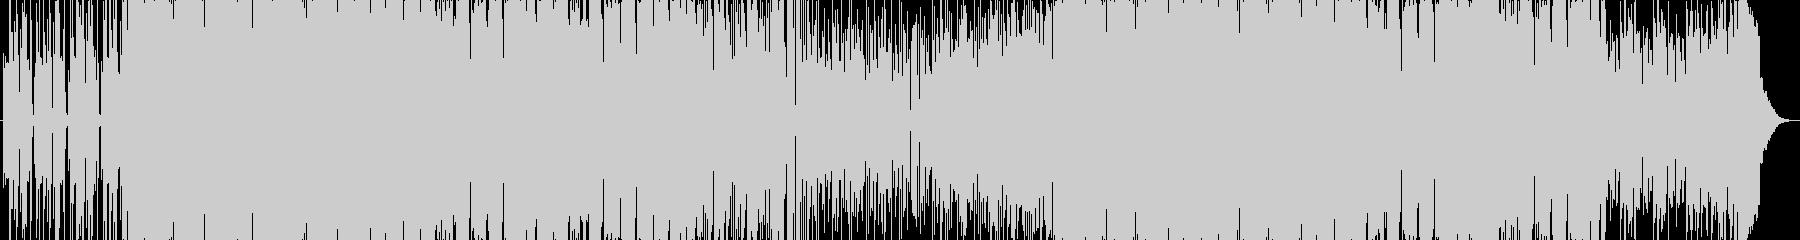 ピコピコkawaii軽快チップチューン系の未再生の波形